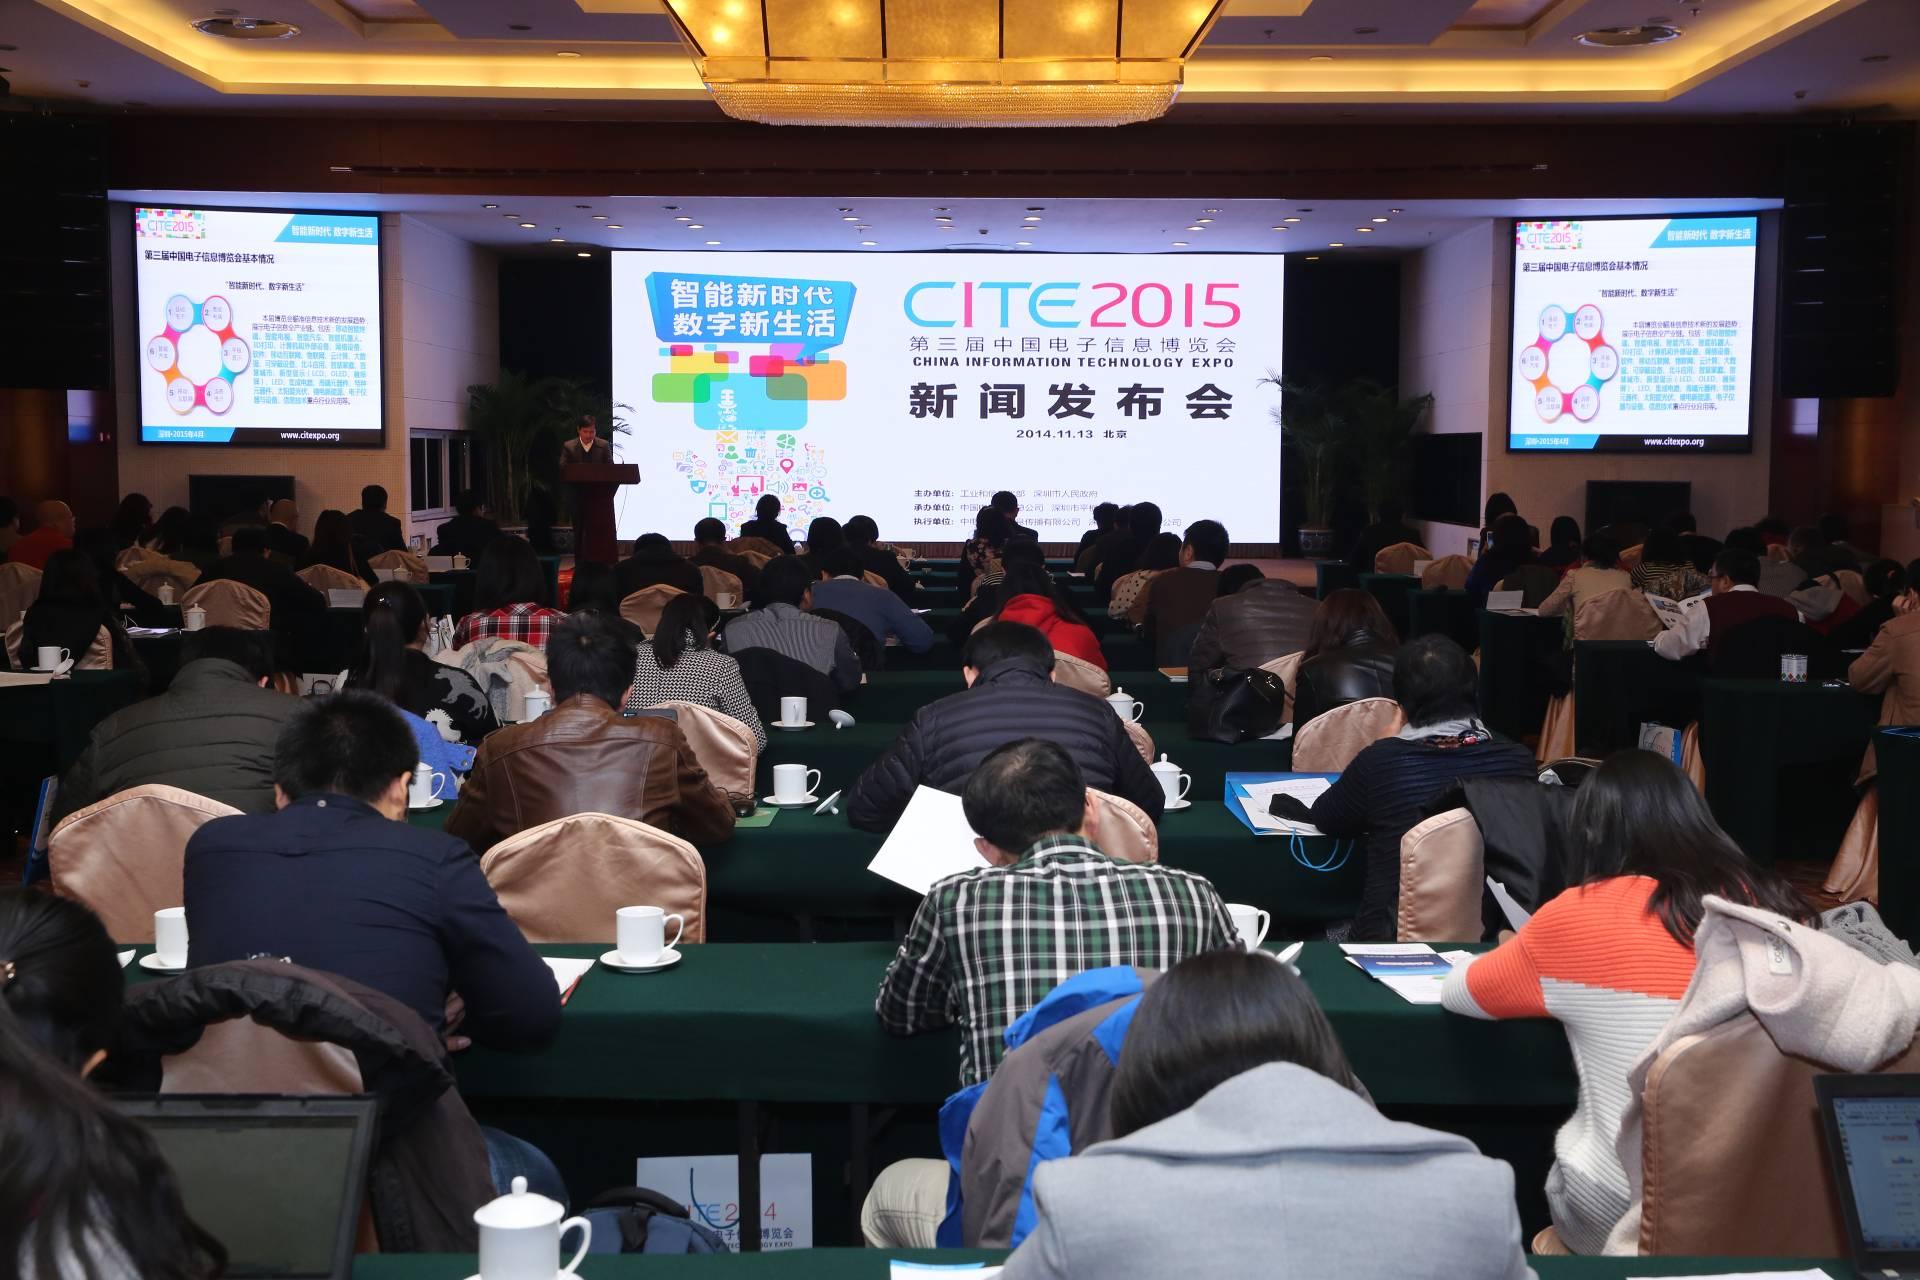 工业和信息化部会同深圳市人民政府将共同举办第三届中国电子信息博览会